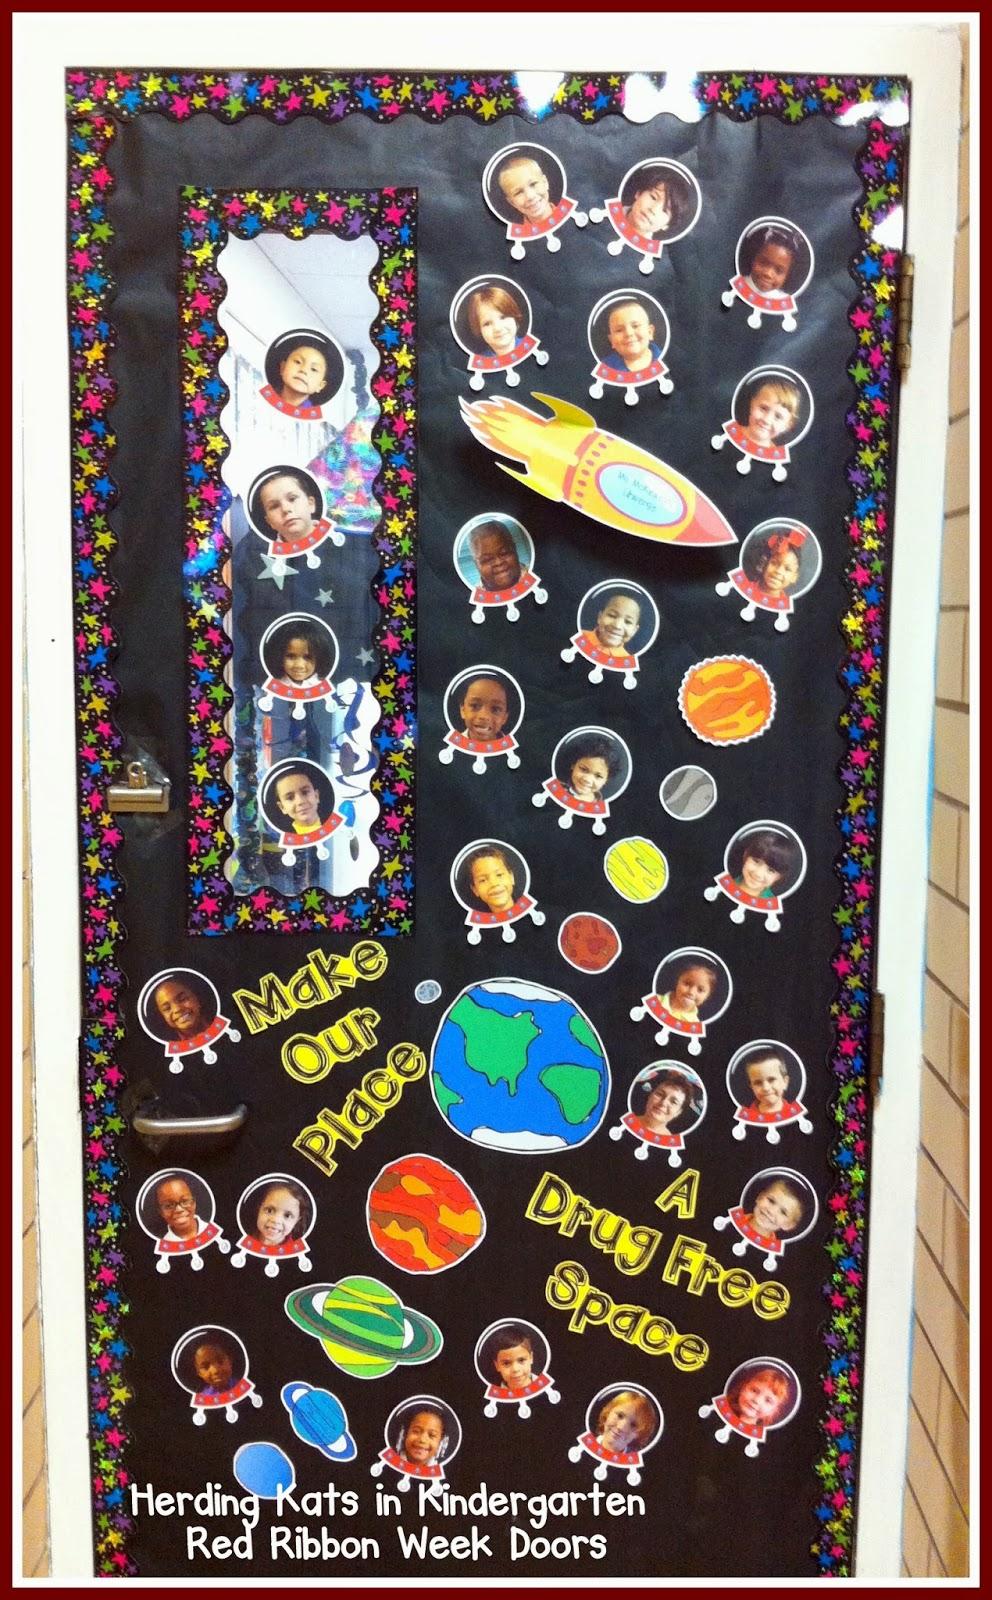 Herding Kats in Kindergarten: Red Ribbon Week Doors!